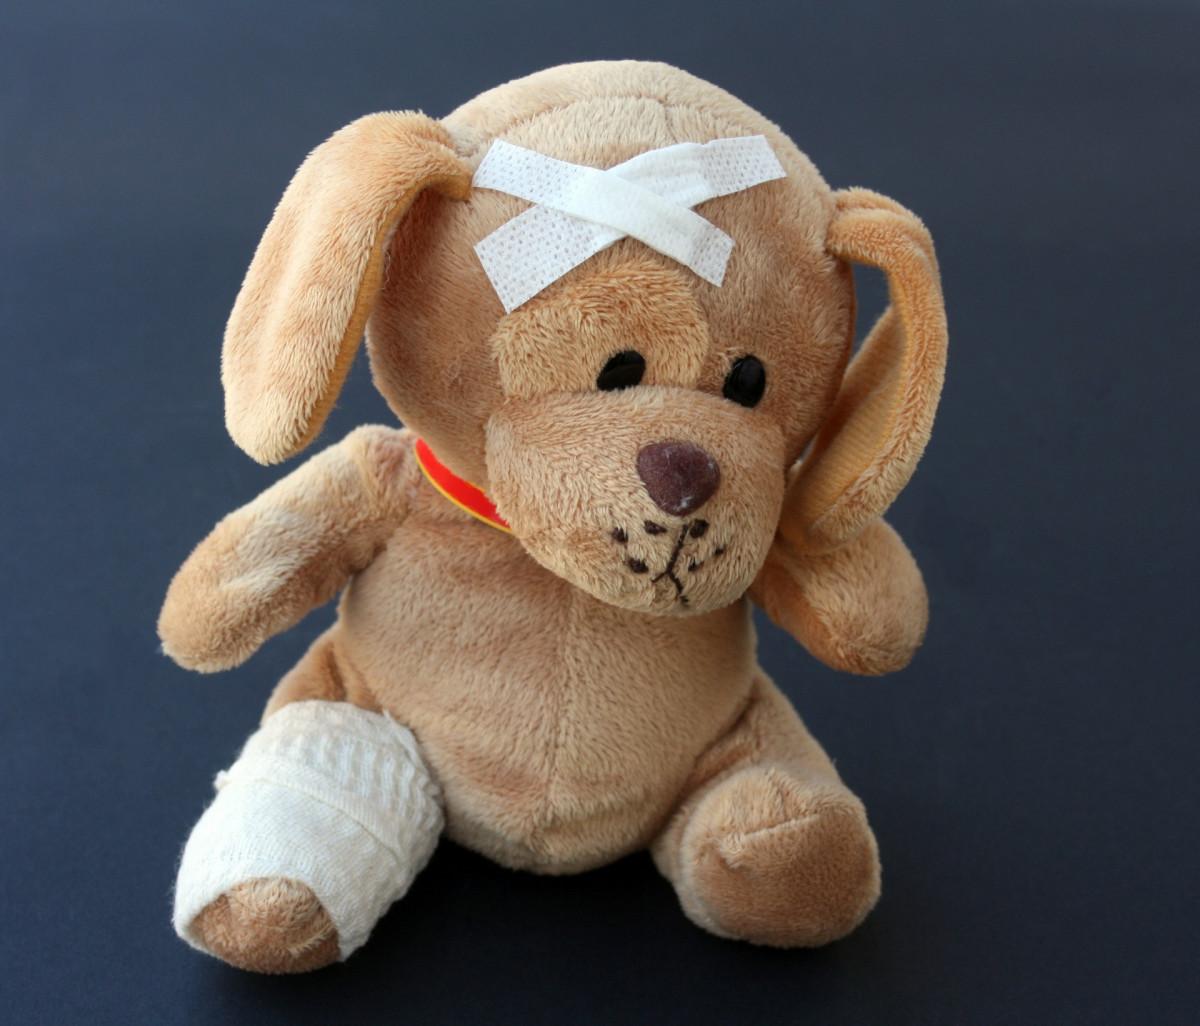 Pronto soccorso veterinario: come funziona?